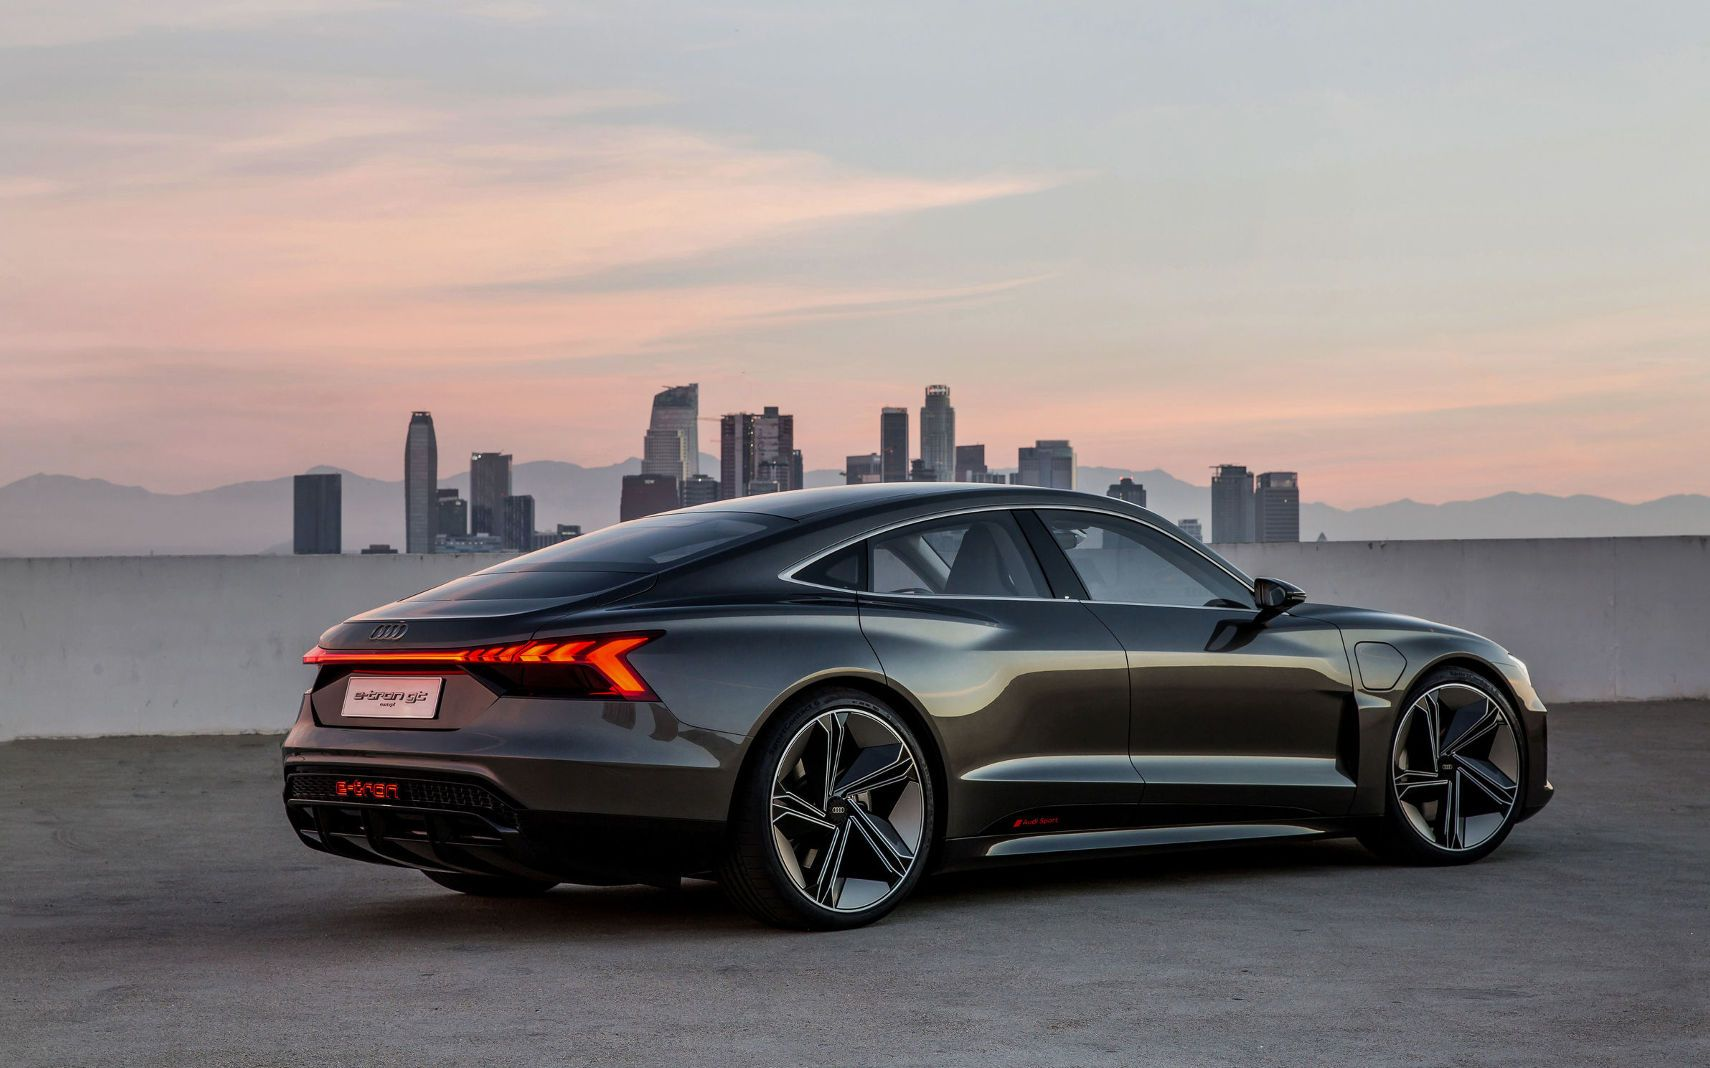 2020 Audi ETron Gran Turismo Improb Audi etron, E